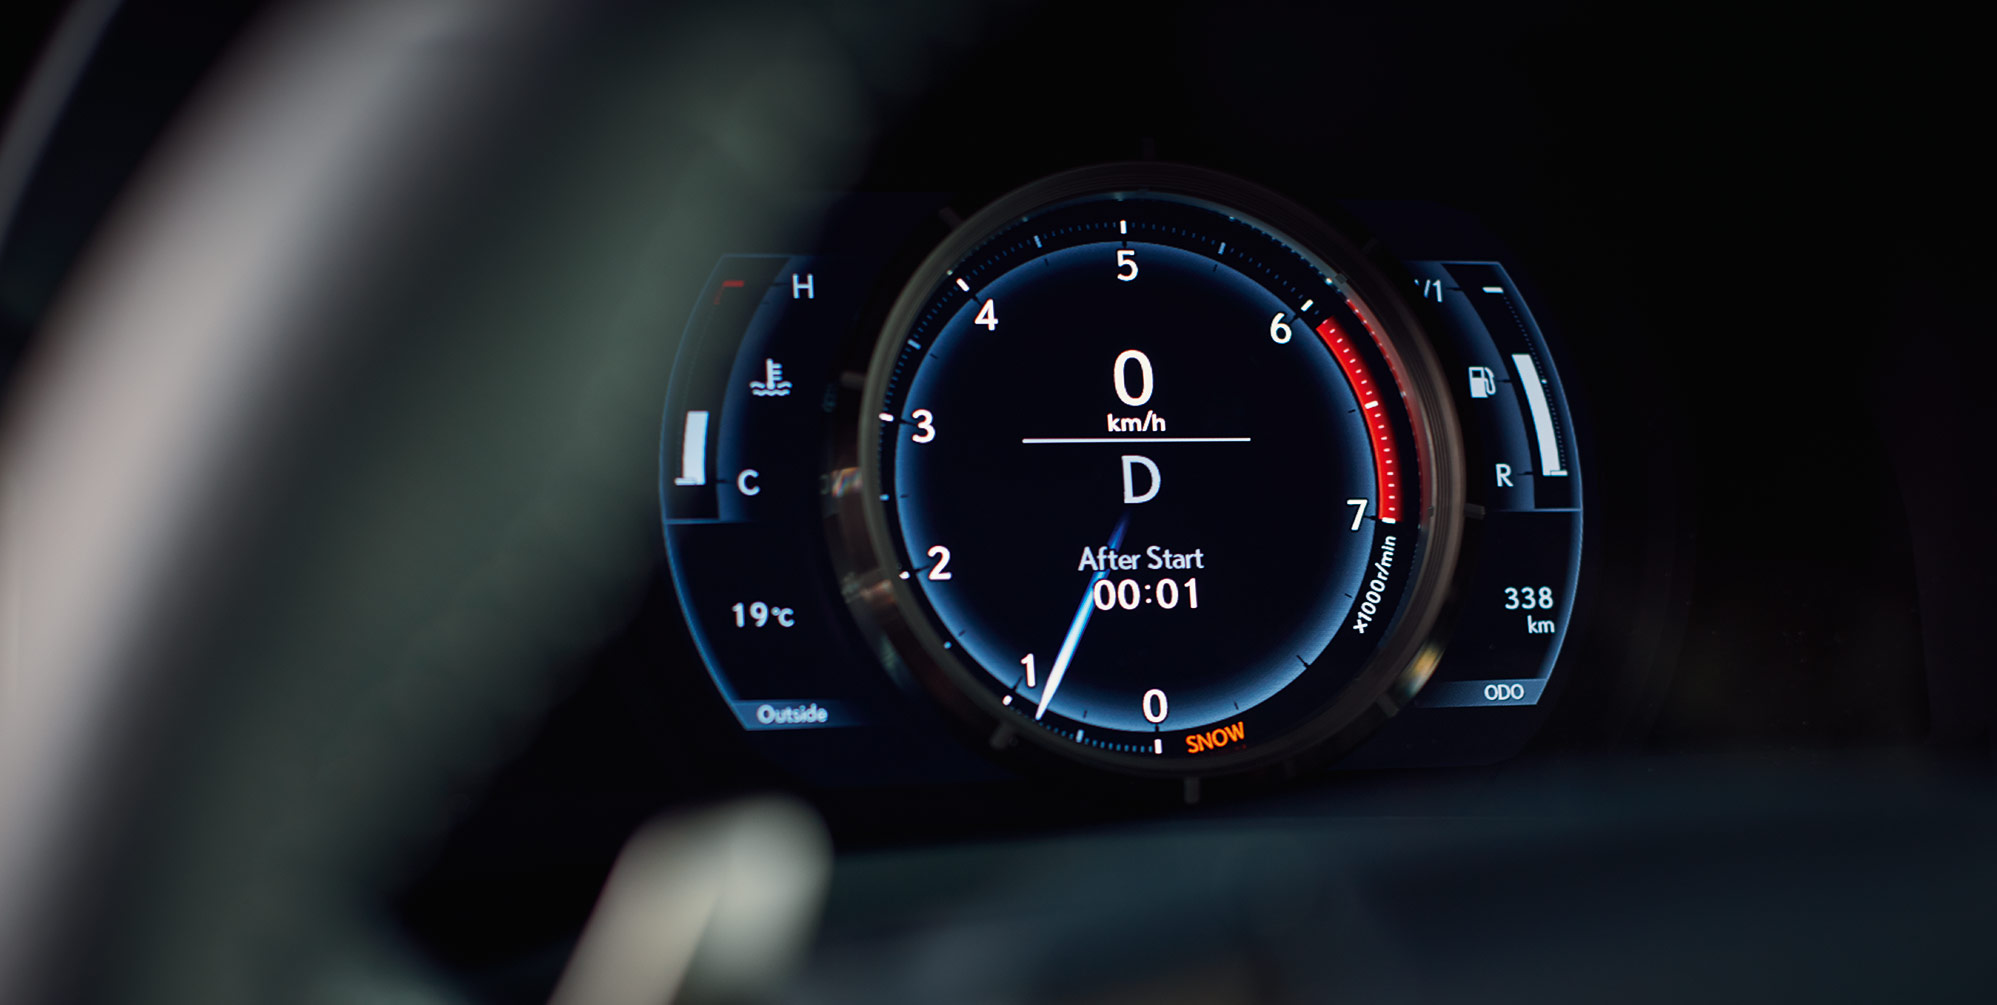 Araç Yakıt Tüketimi Azaltma için Öneriler 1997x1005 02 Image